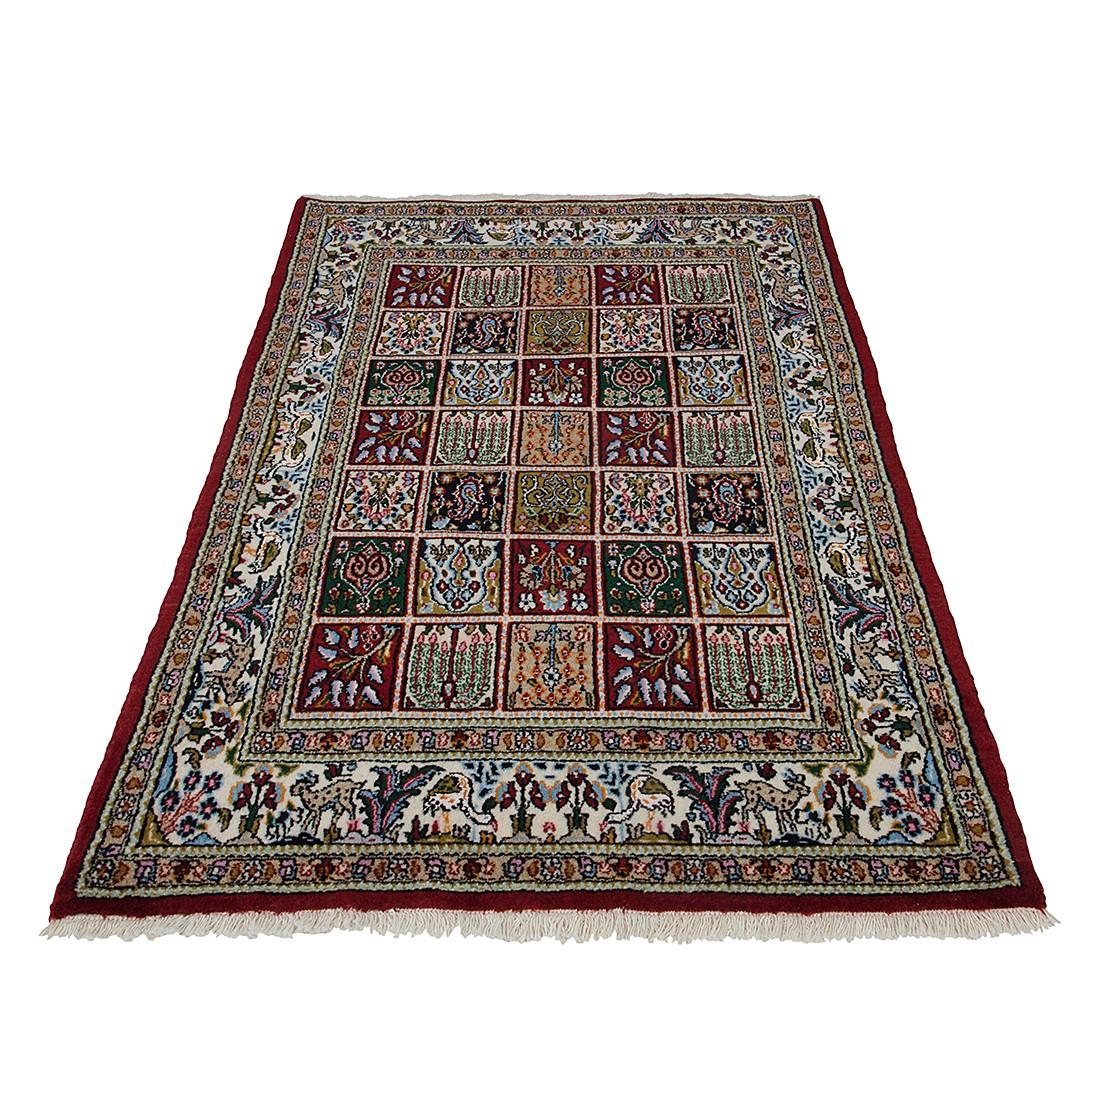 Teppich Felder Moud - Beige - 170 x 240 cm, Parwis